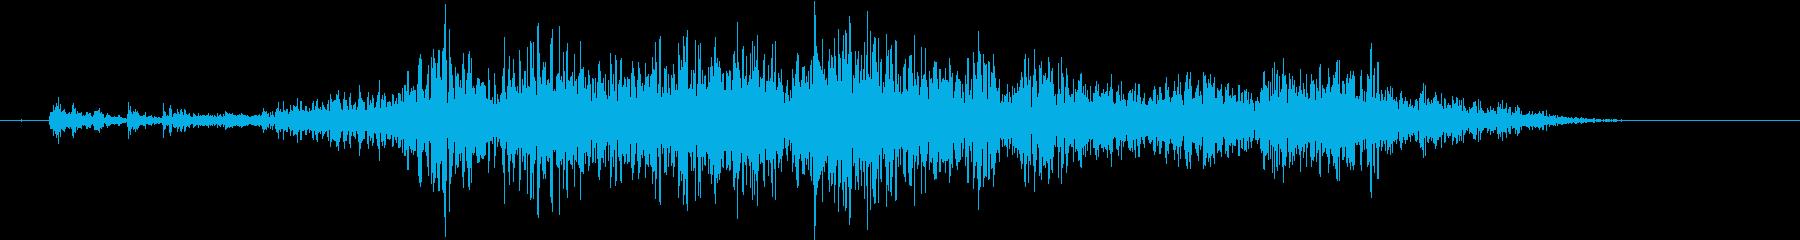 【生録音】テーブルを引っ掻く音 図面 線の再生済みの波形